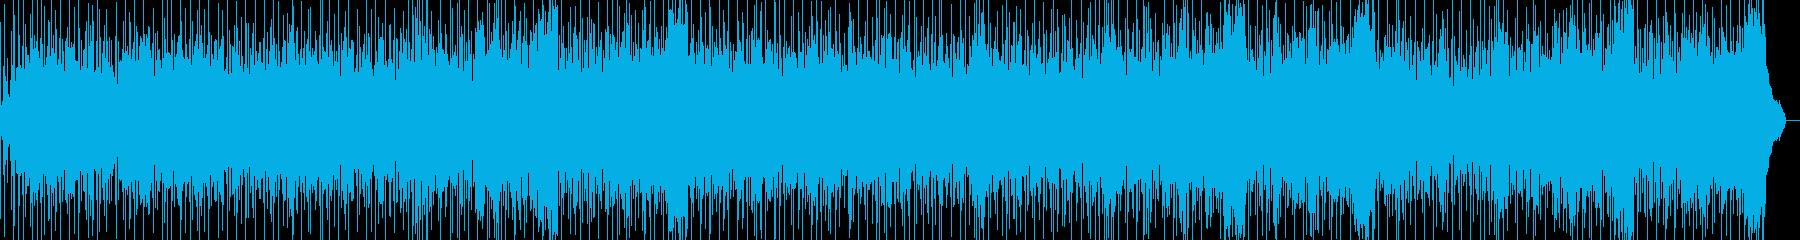 ポップな背景、ピアノアルペジオの再生済みの波形